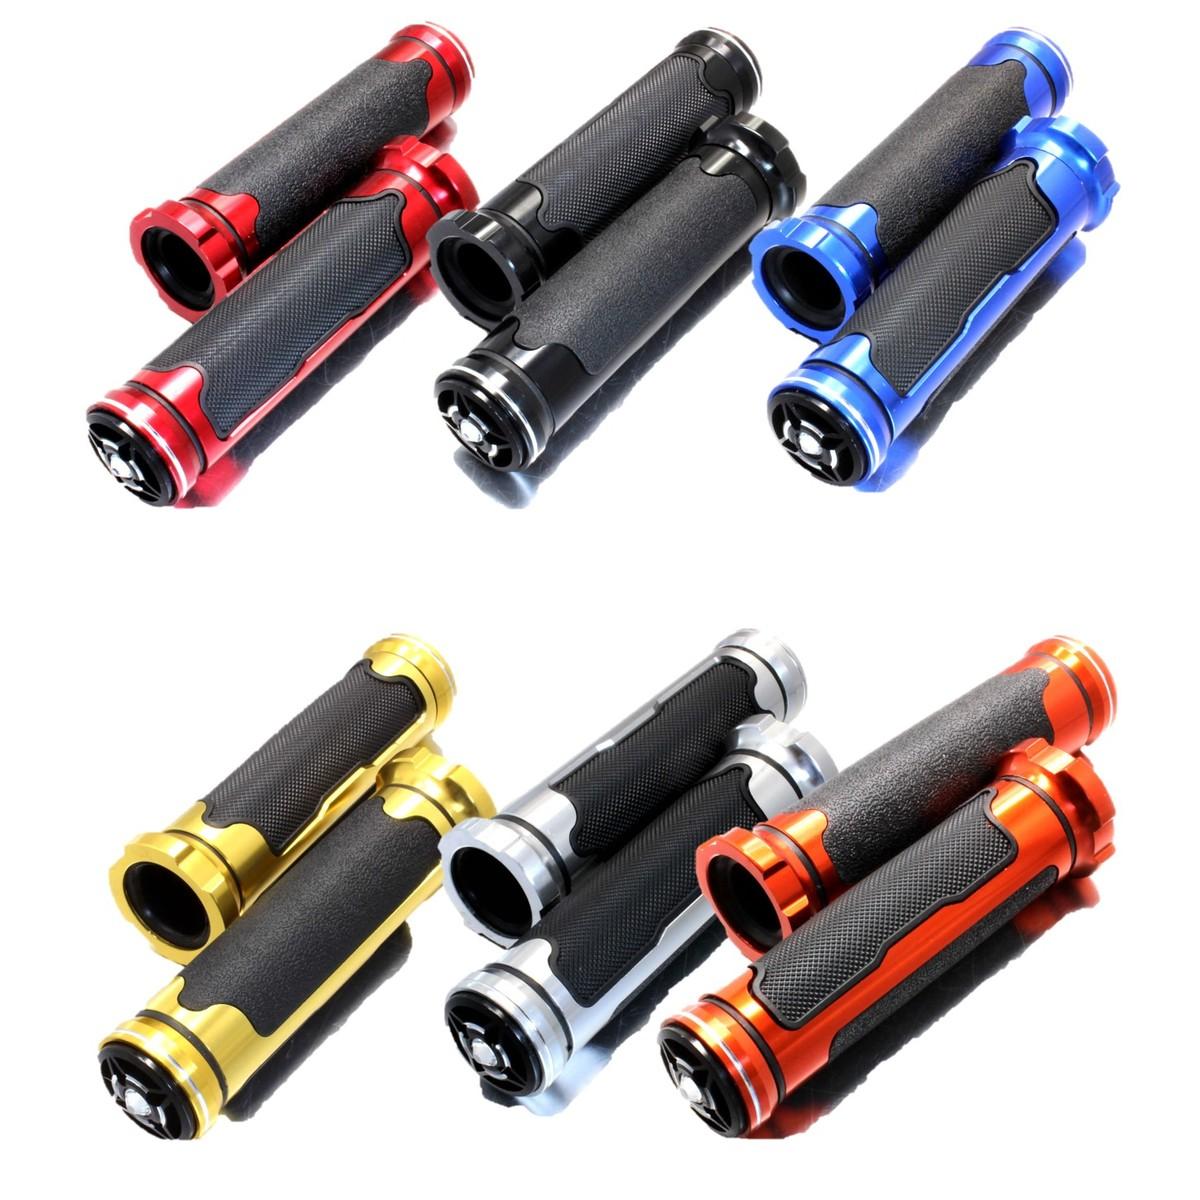 秀逸 適応車種 グロム PCX CB400SF CB1300SF NMAX シグナスX ジョグ スーパーディオ 汎用 ジャイロ など バイクグリップ 22mm用 ライブディオ バイクハンドル用 流行のアイテム バーエンドは取り外す必要があります nakira